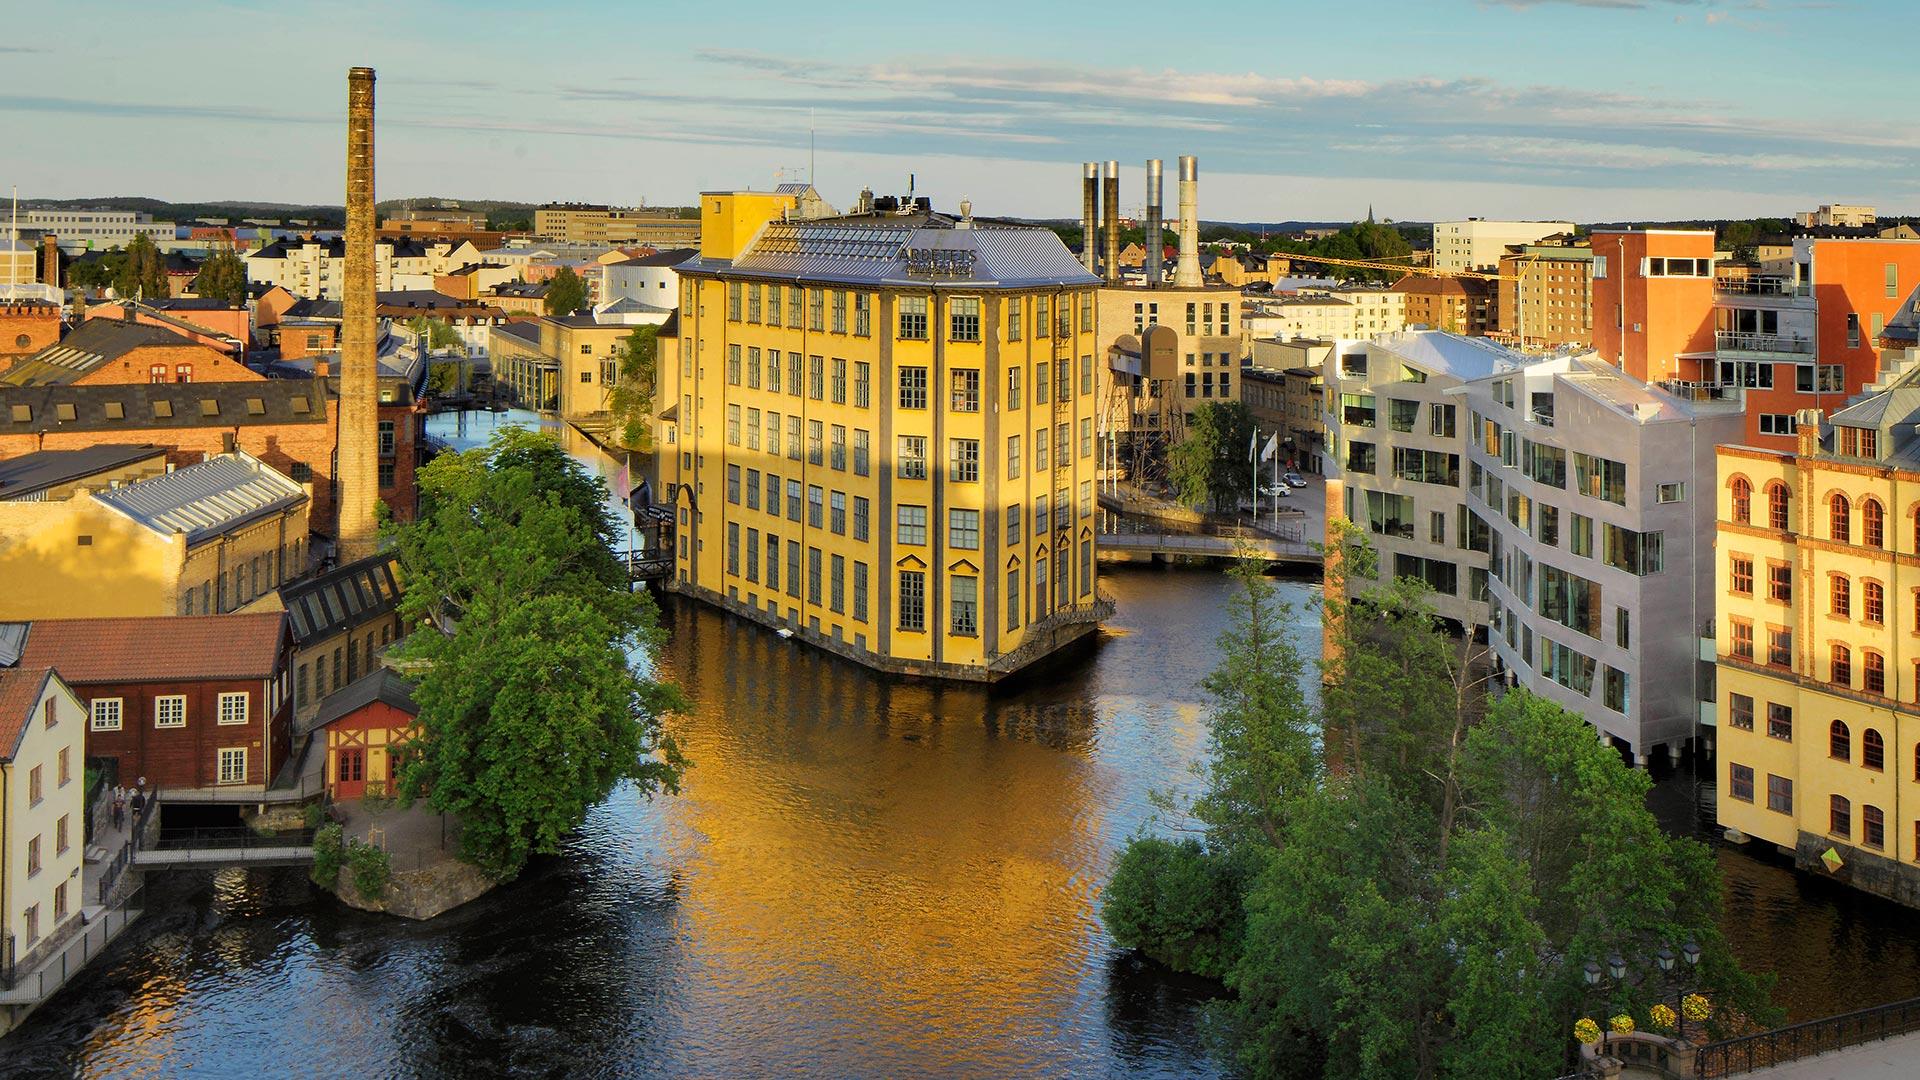 se och göra i norrköping